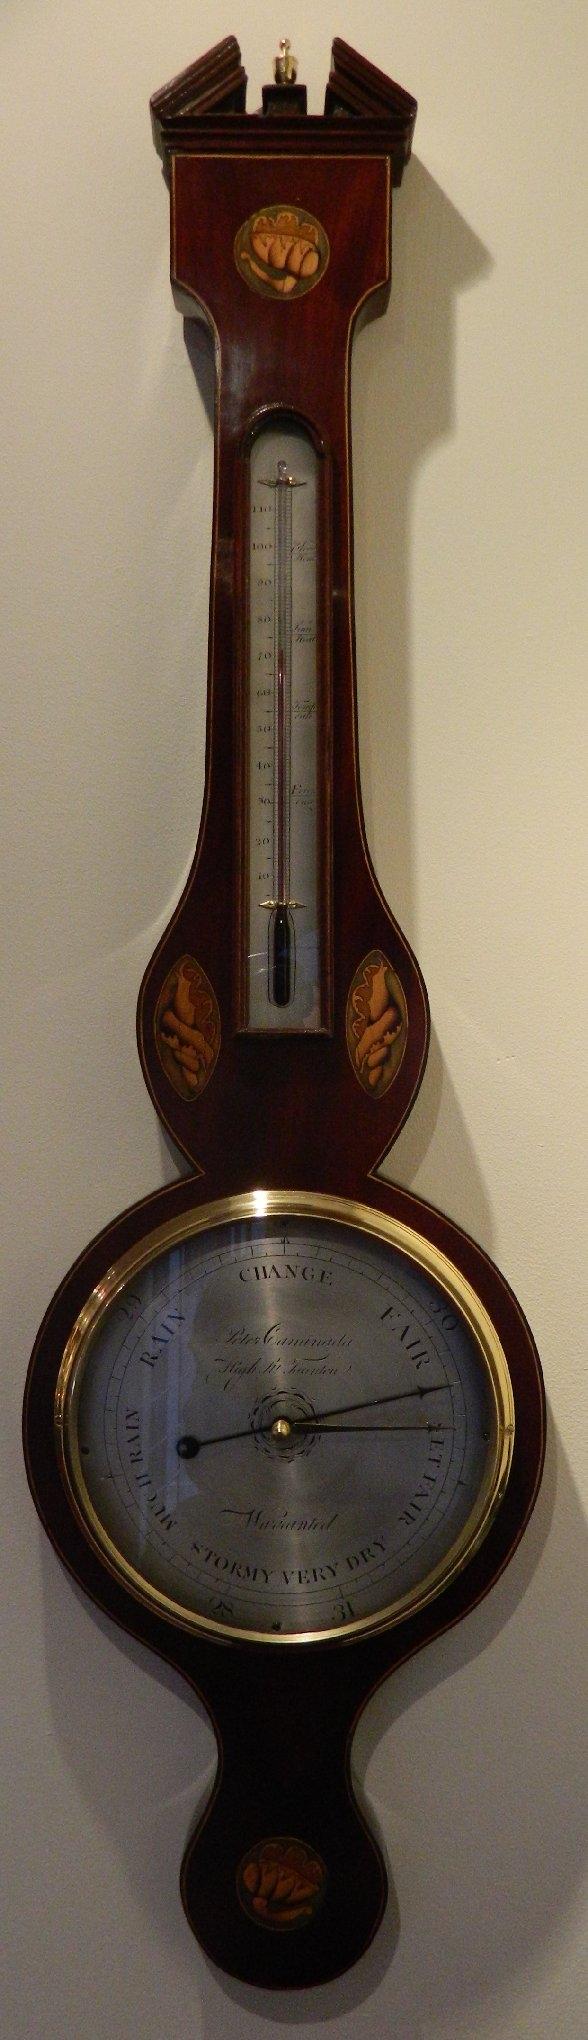 Shell barometer